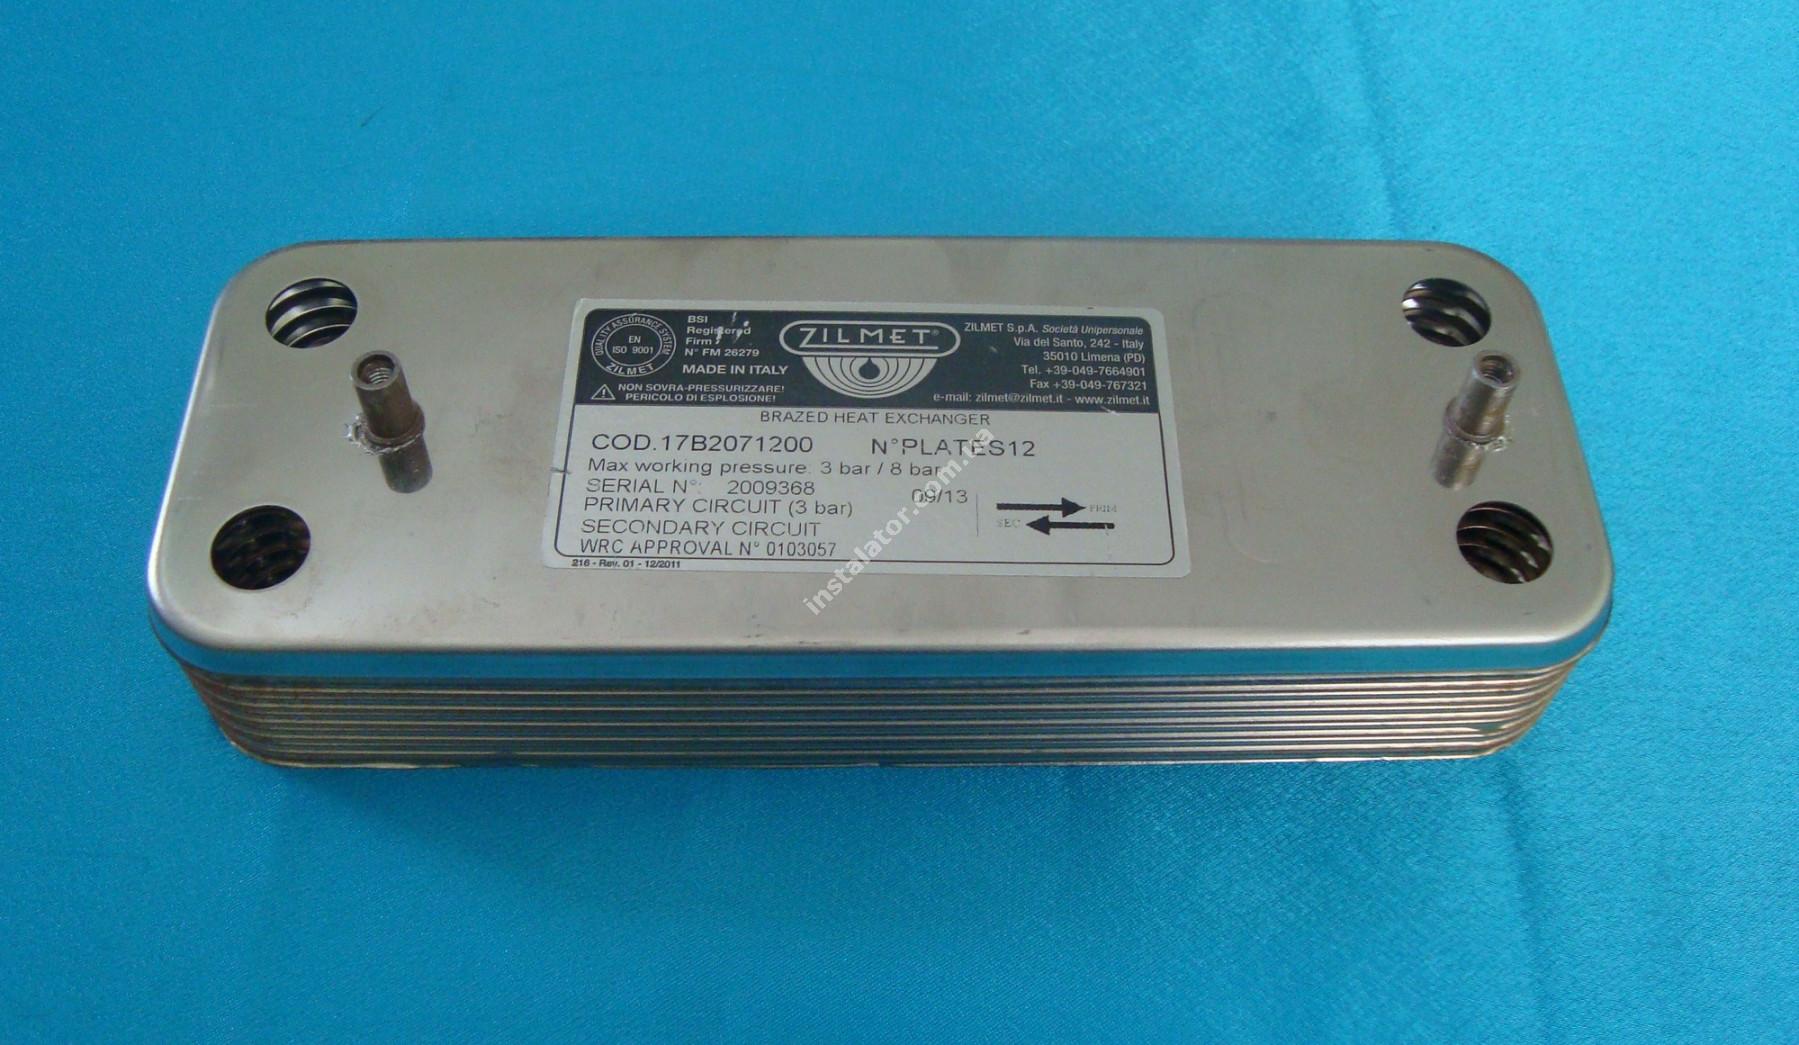 17B2071200 Теплообмінник вторинний ГВП 12 пластин BAXI, ZILMET full-image-0